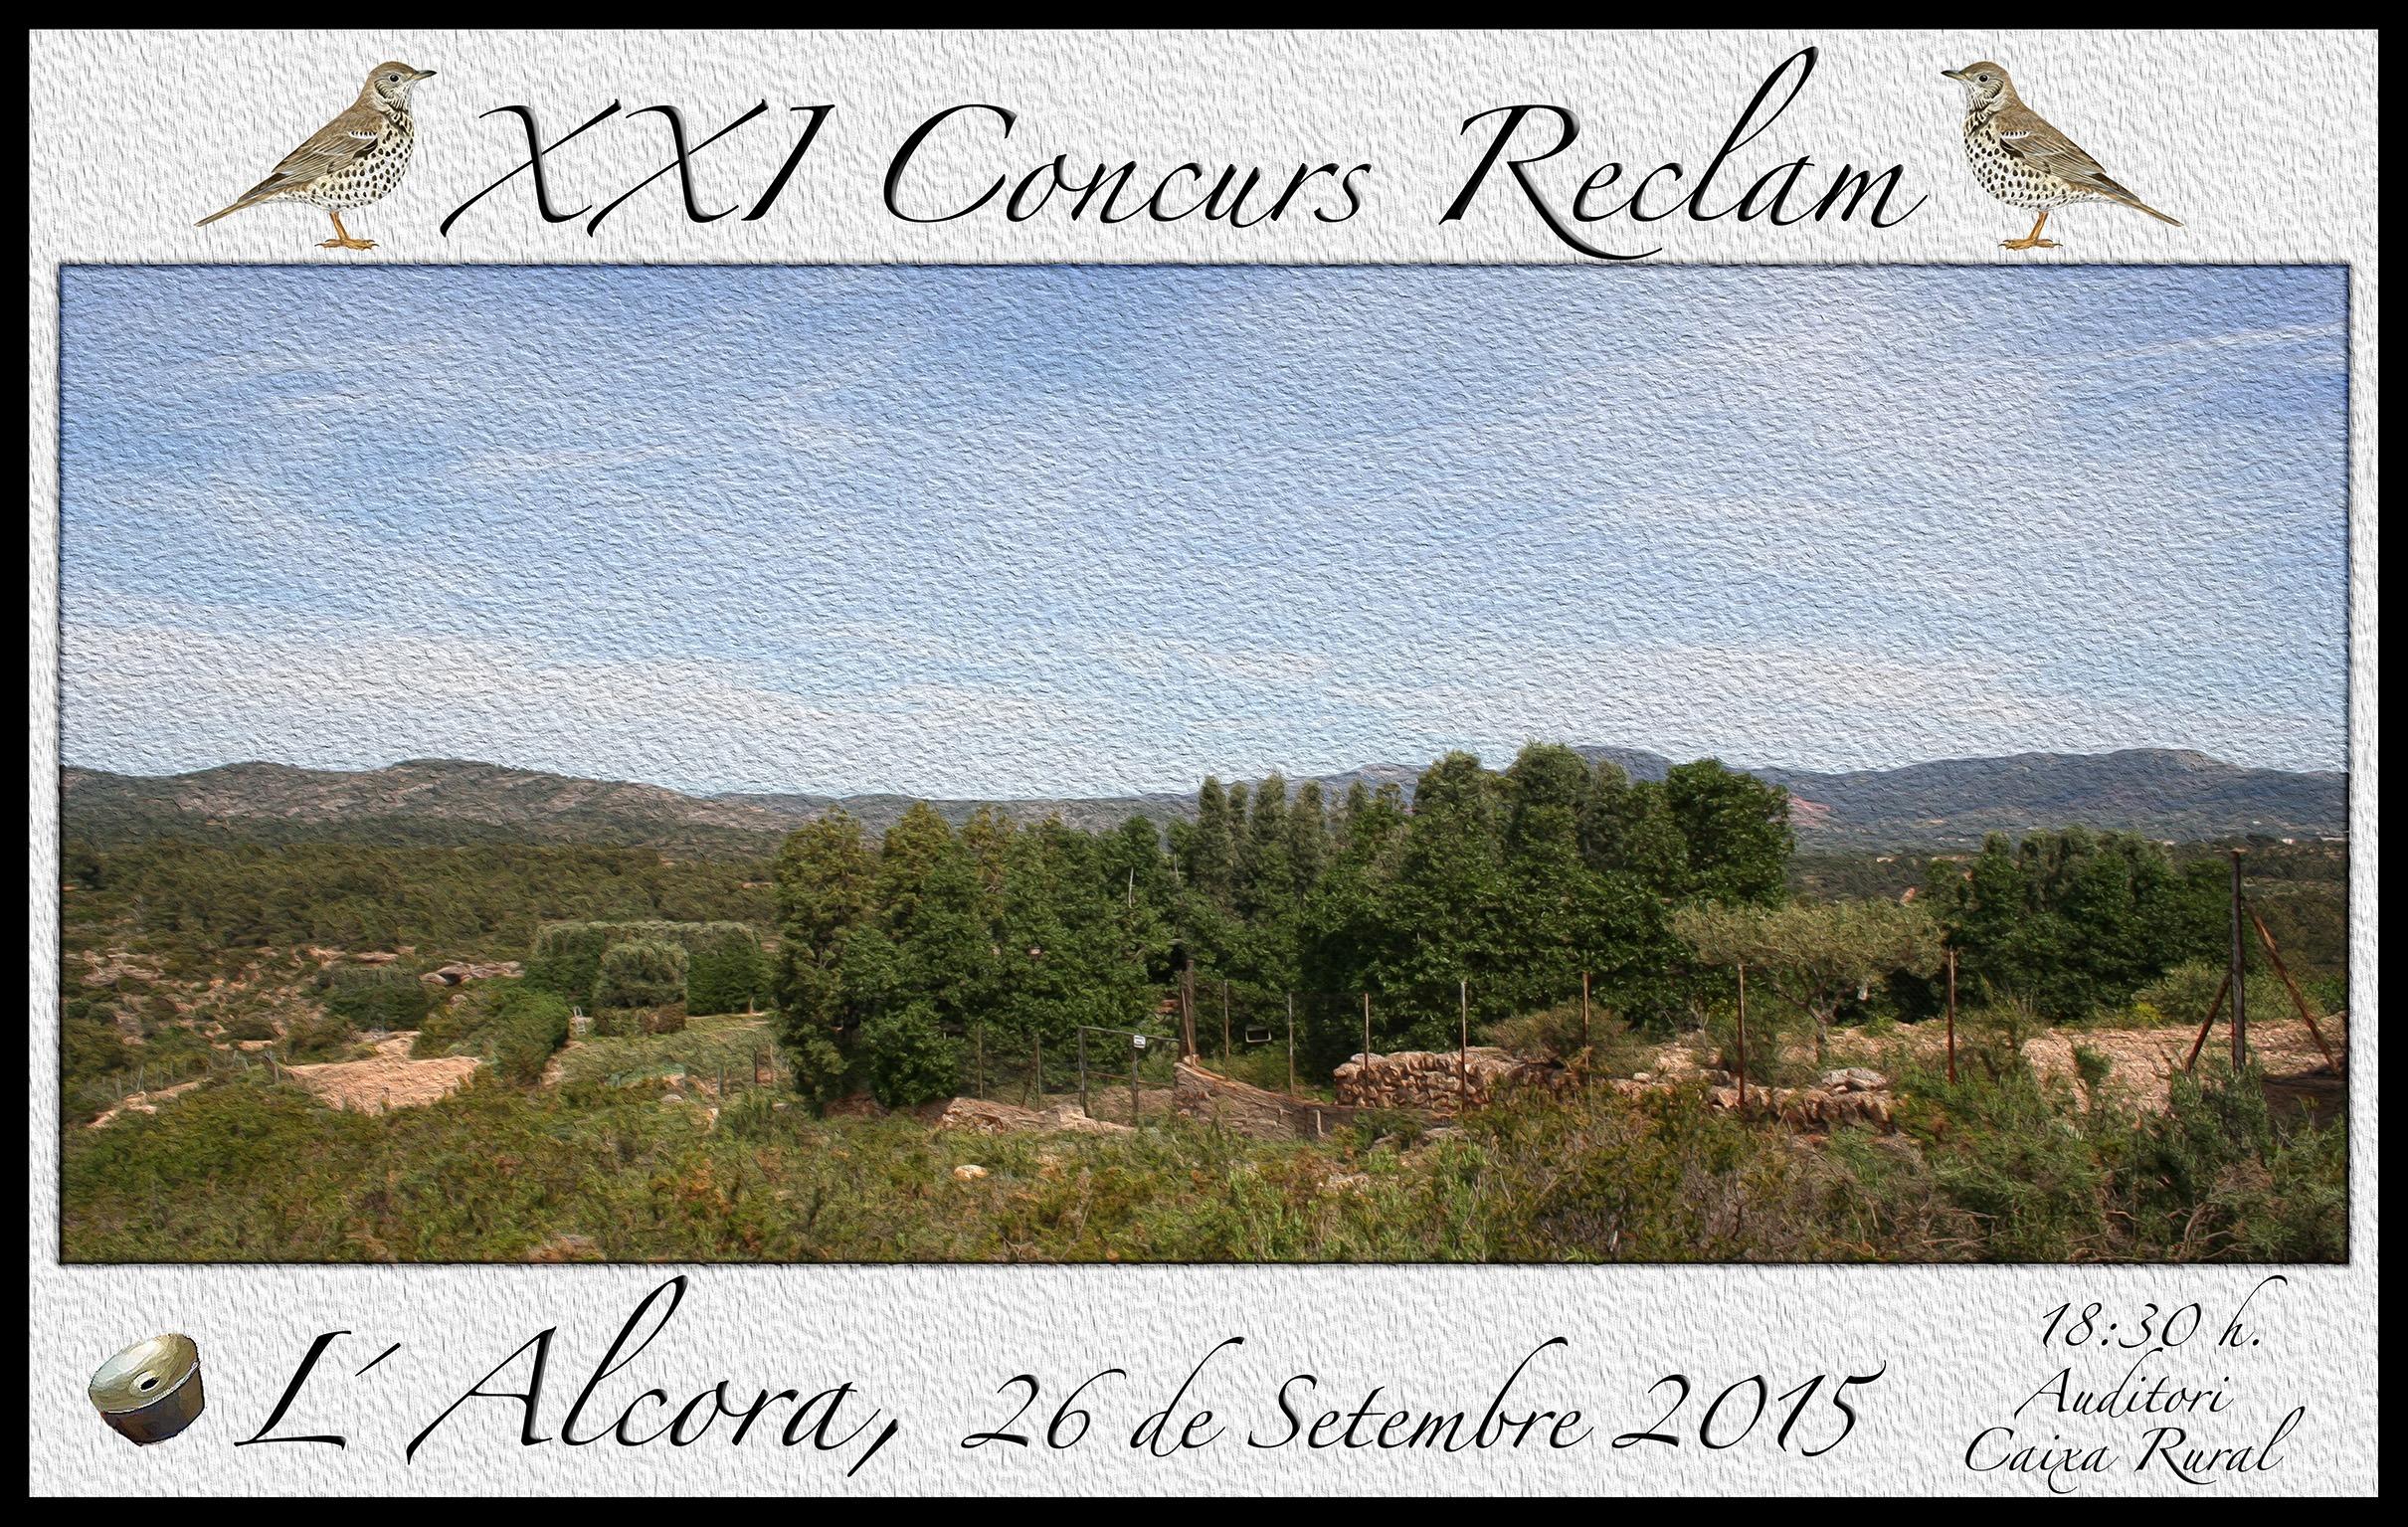 Concurs Reclam 2015